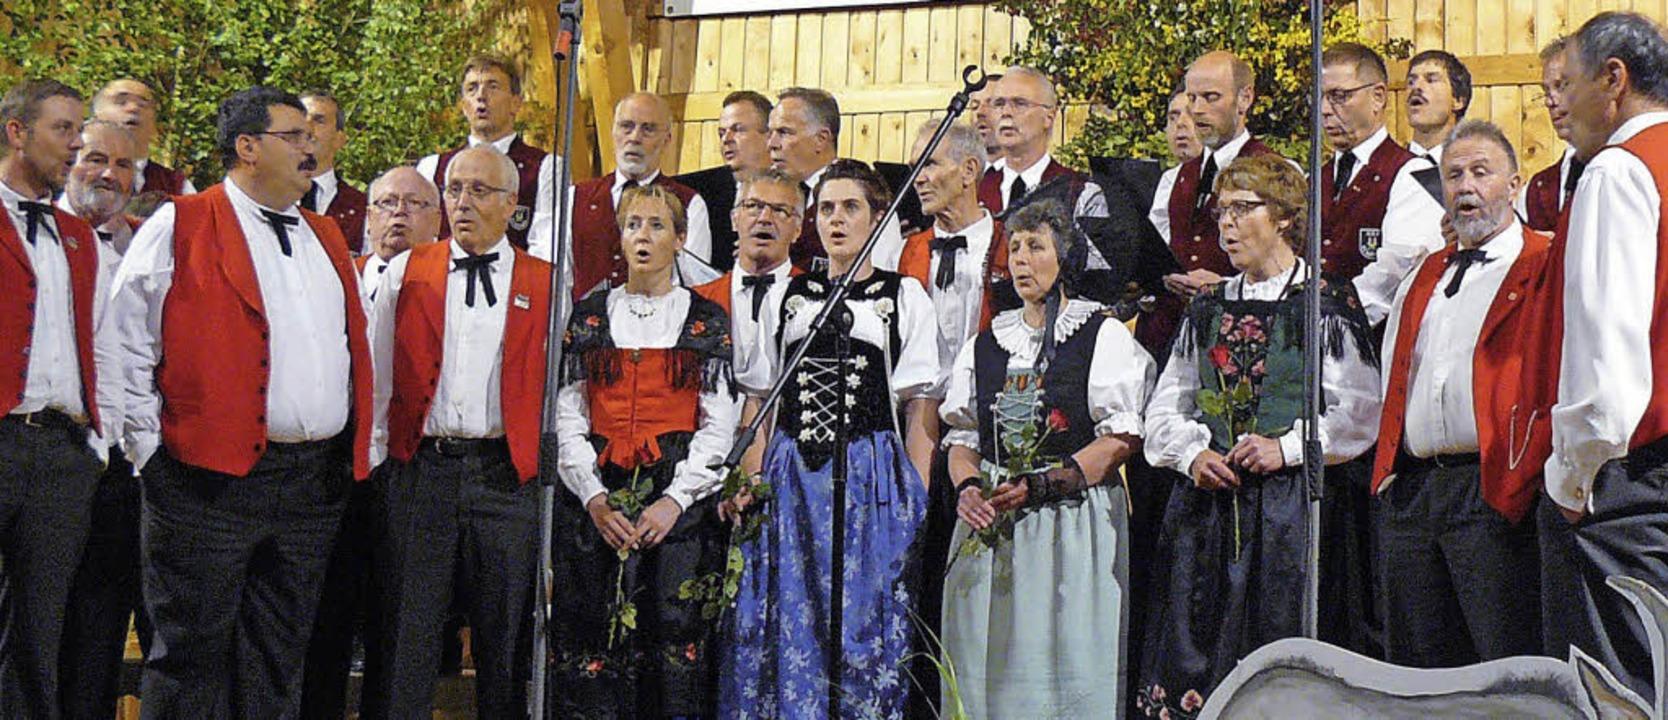 Finale mit dem Jodelclub Calanda Chur und dem Männergesangverein St. Märgen.     Foto: Edeltraud Blume